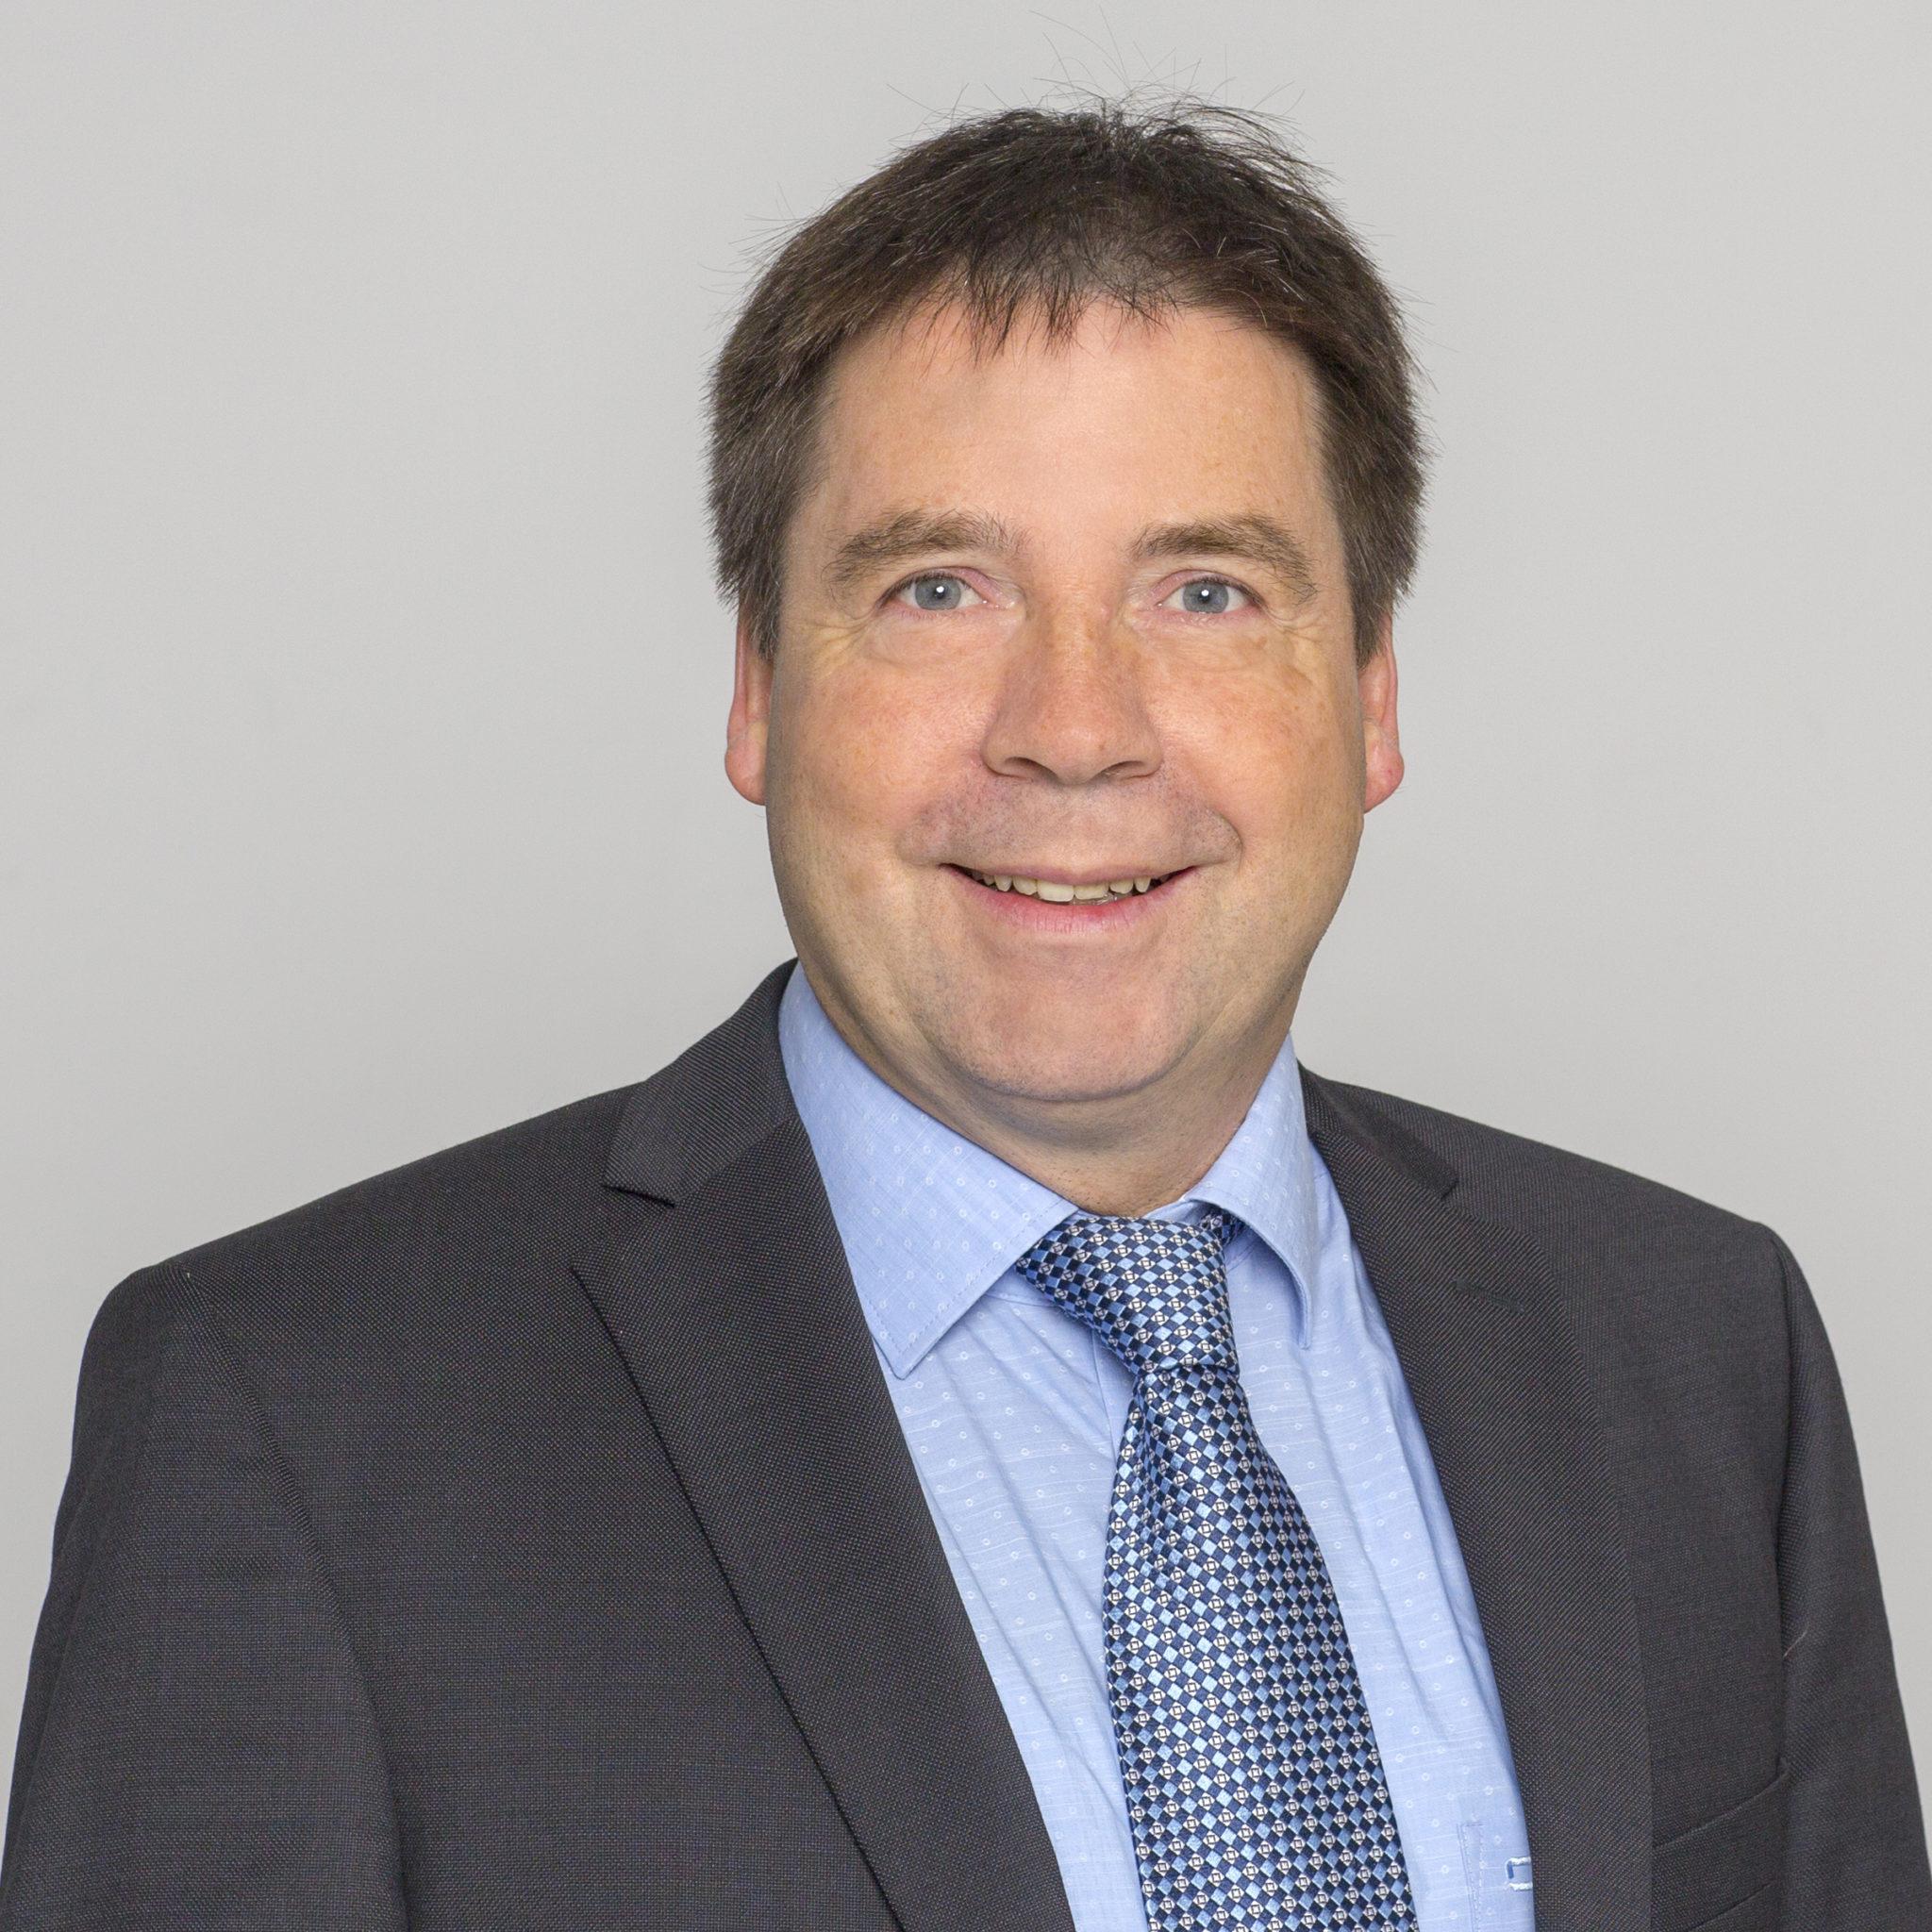 Dieter Abrell